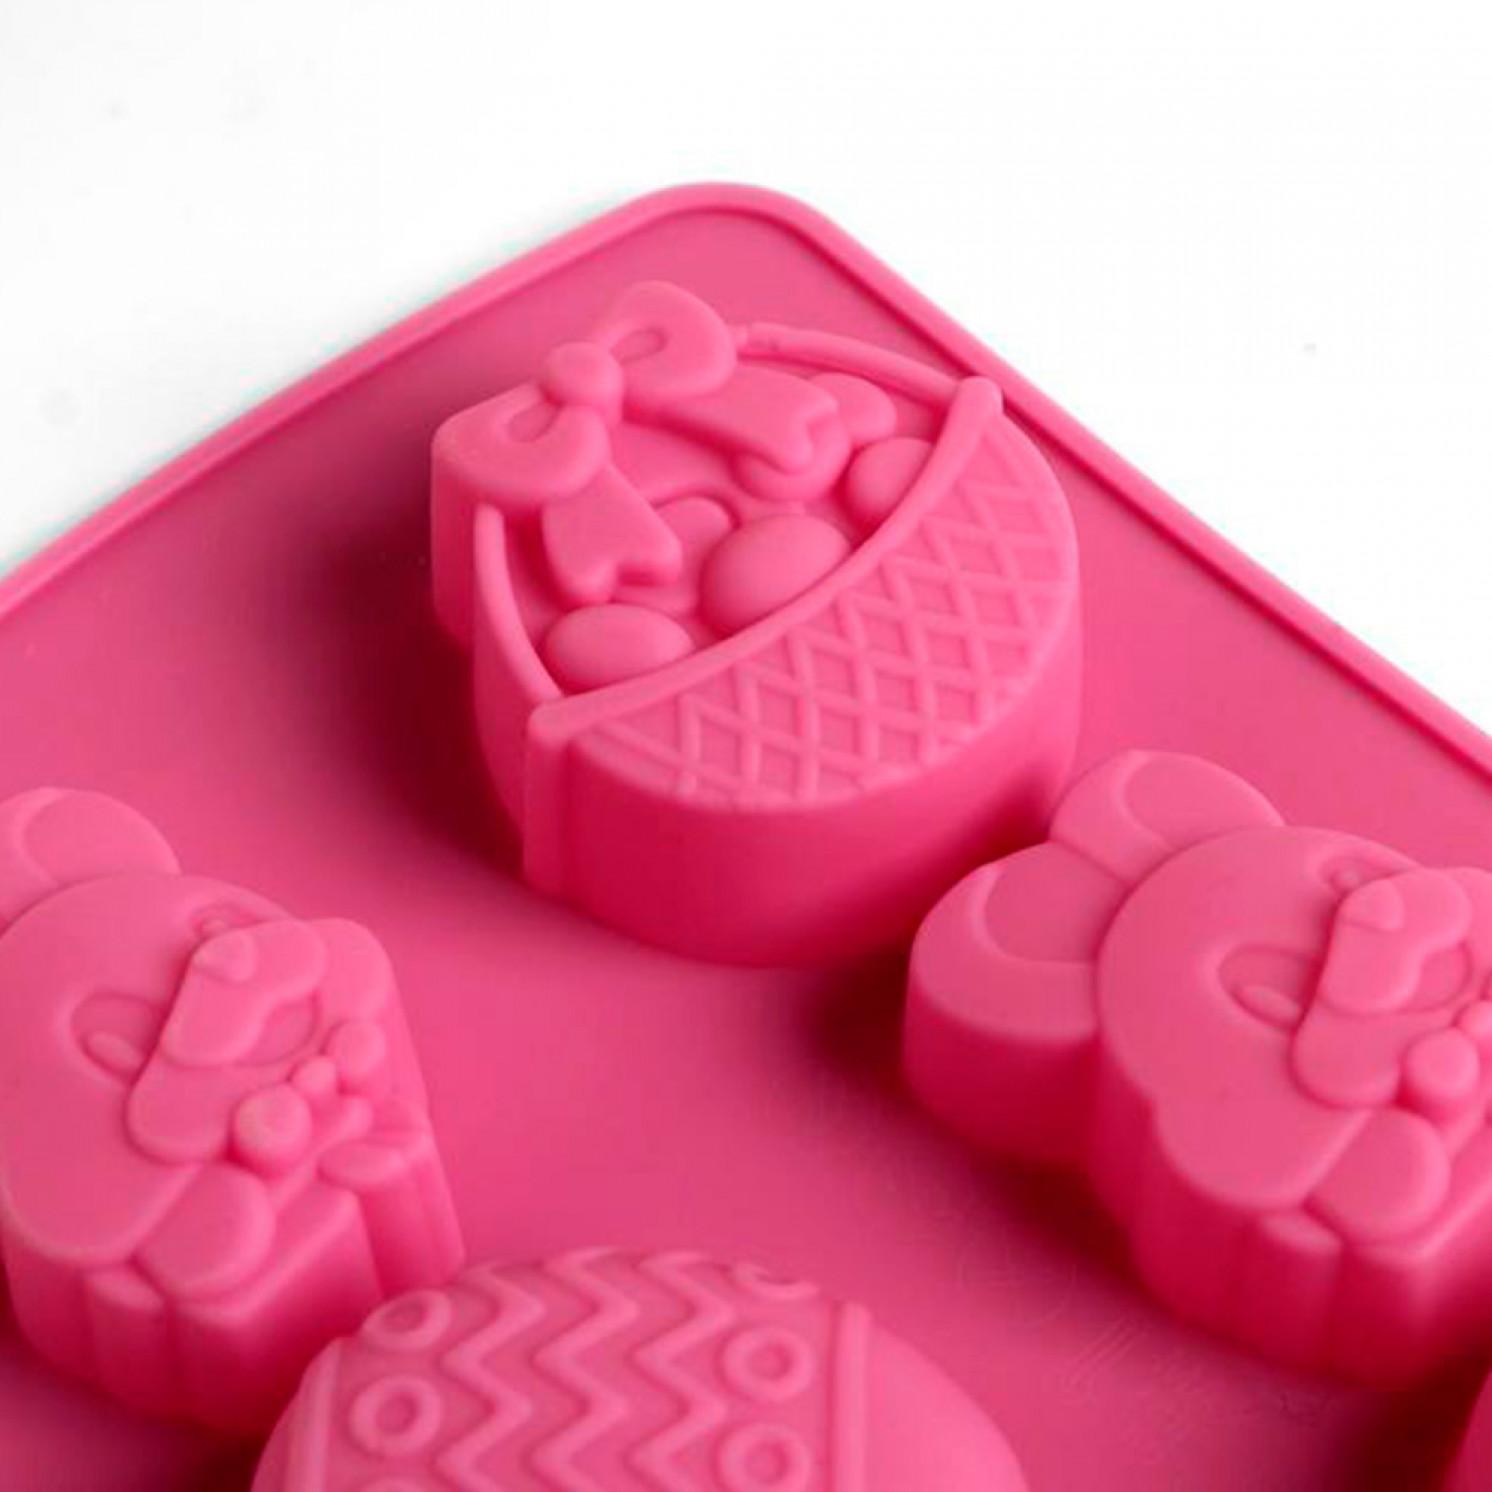 Силиконовая форма для выпечки «Пасхальная композиция» розовая, 11,6 х 22,5 см